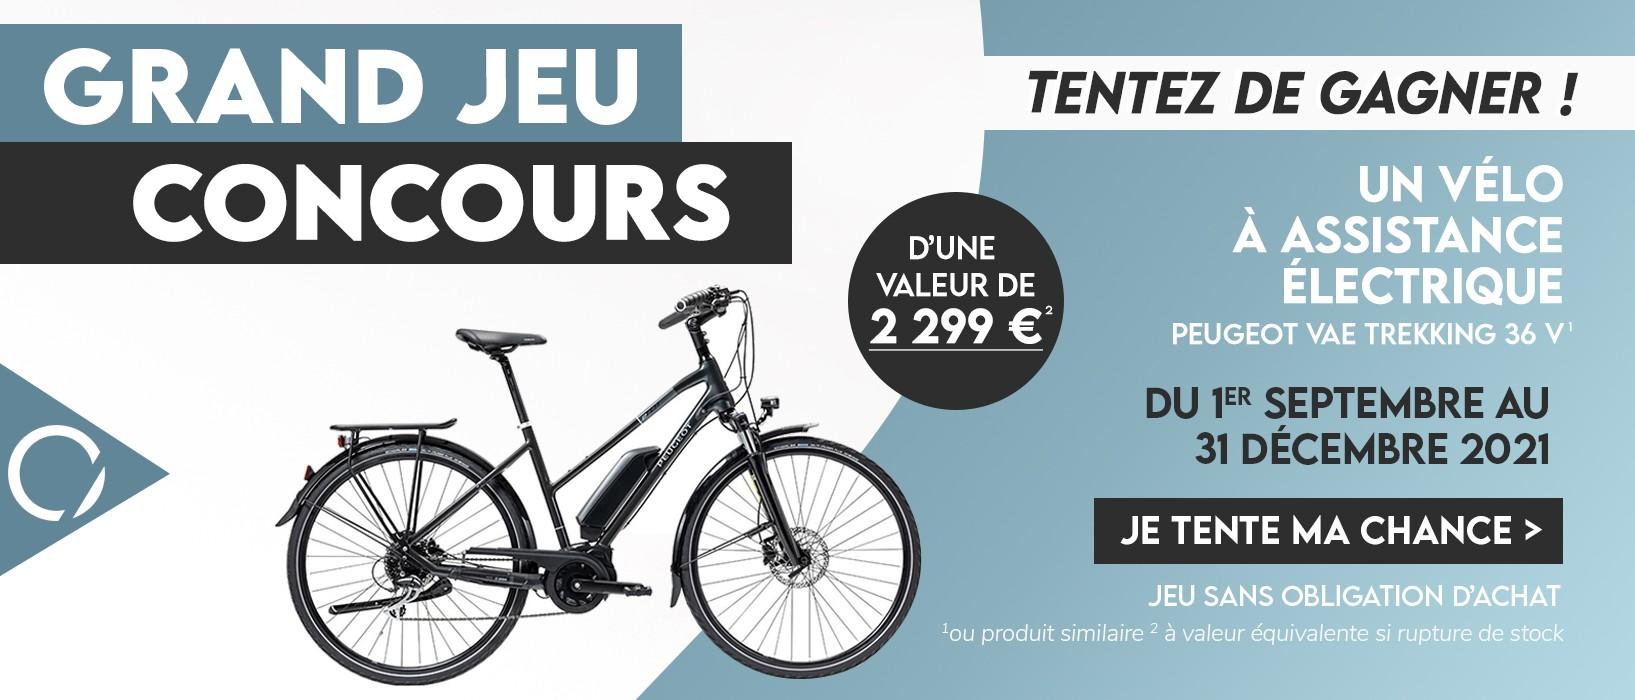 Jeu concours: Vélo électrique 1er septembre au 31 décembre 2021